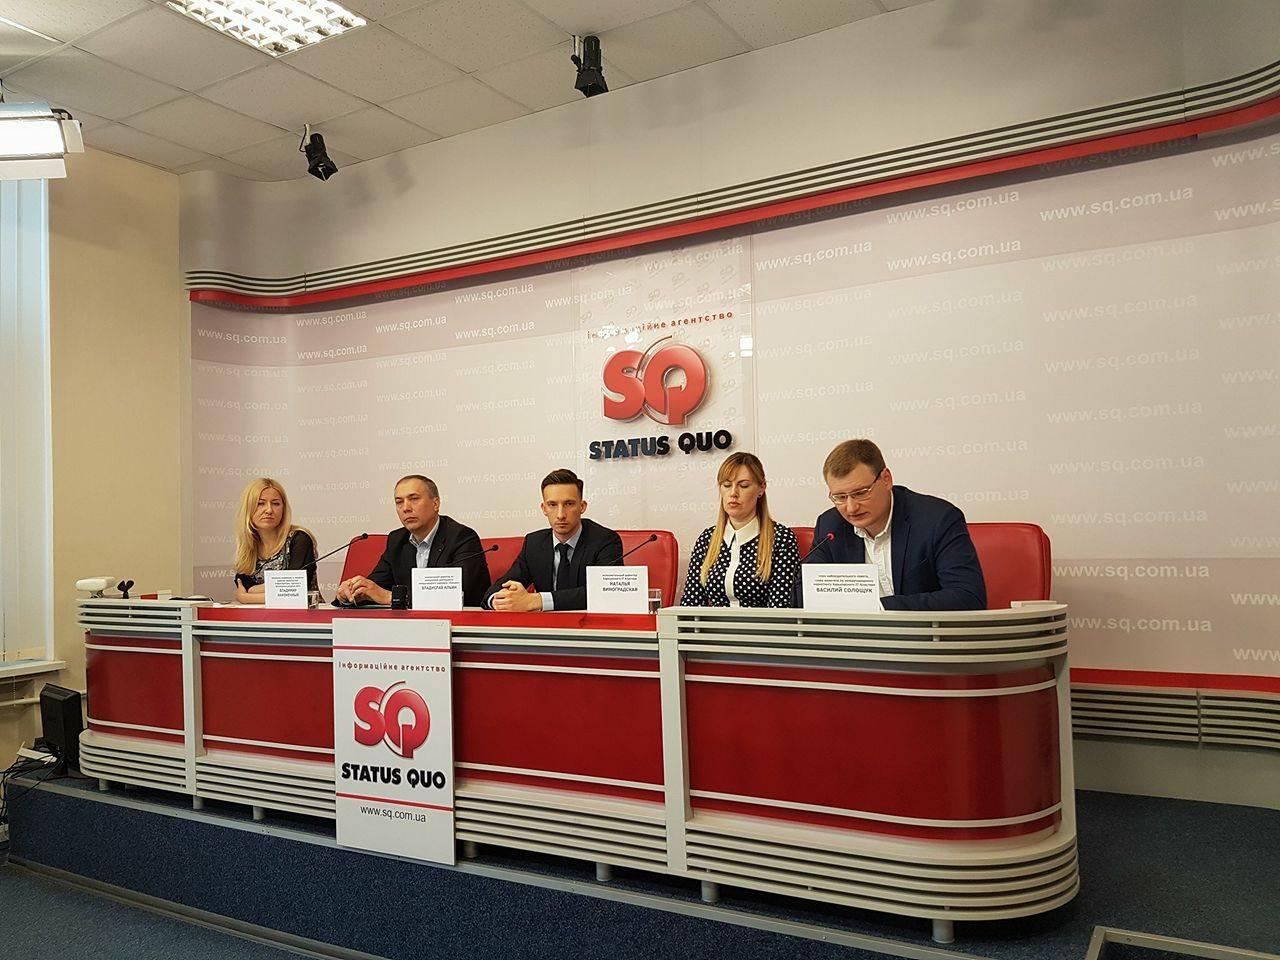 18493773_1371351632930927_1997684284_o Харківський IT Кластер ініціював прес-конференцію для розширення авіатрафіку